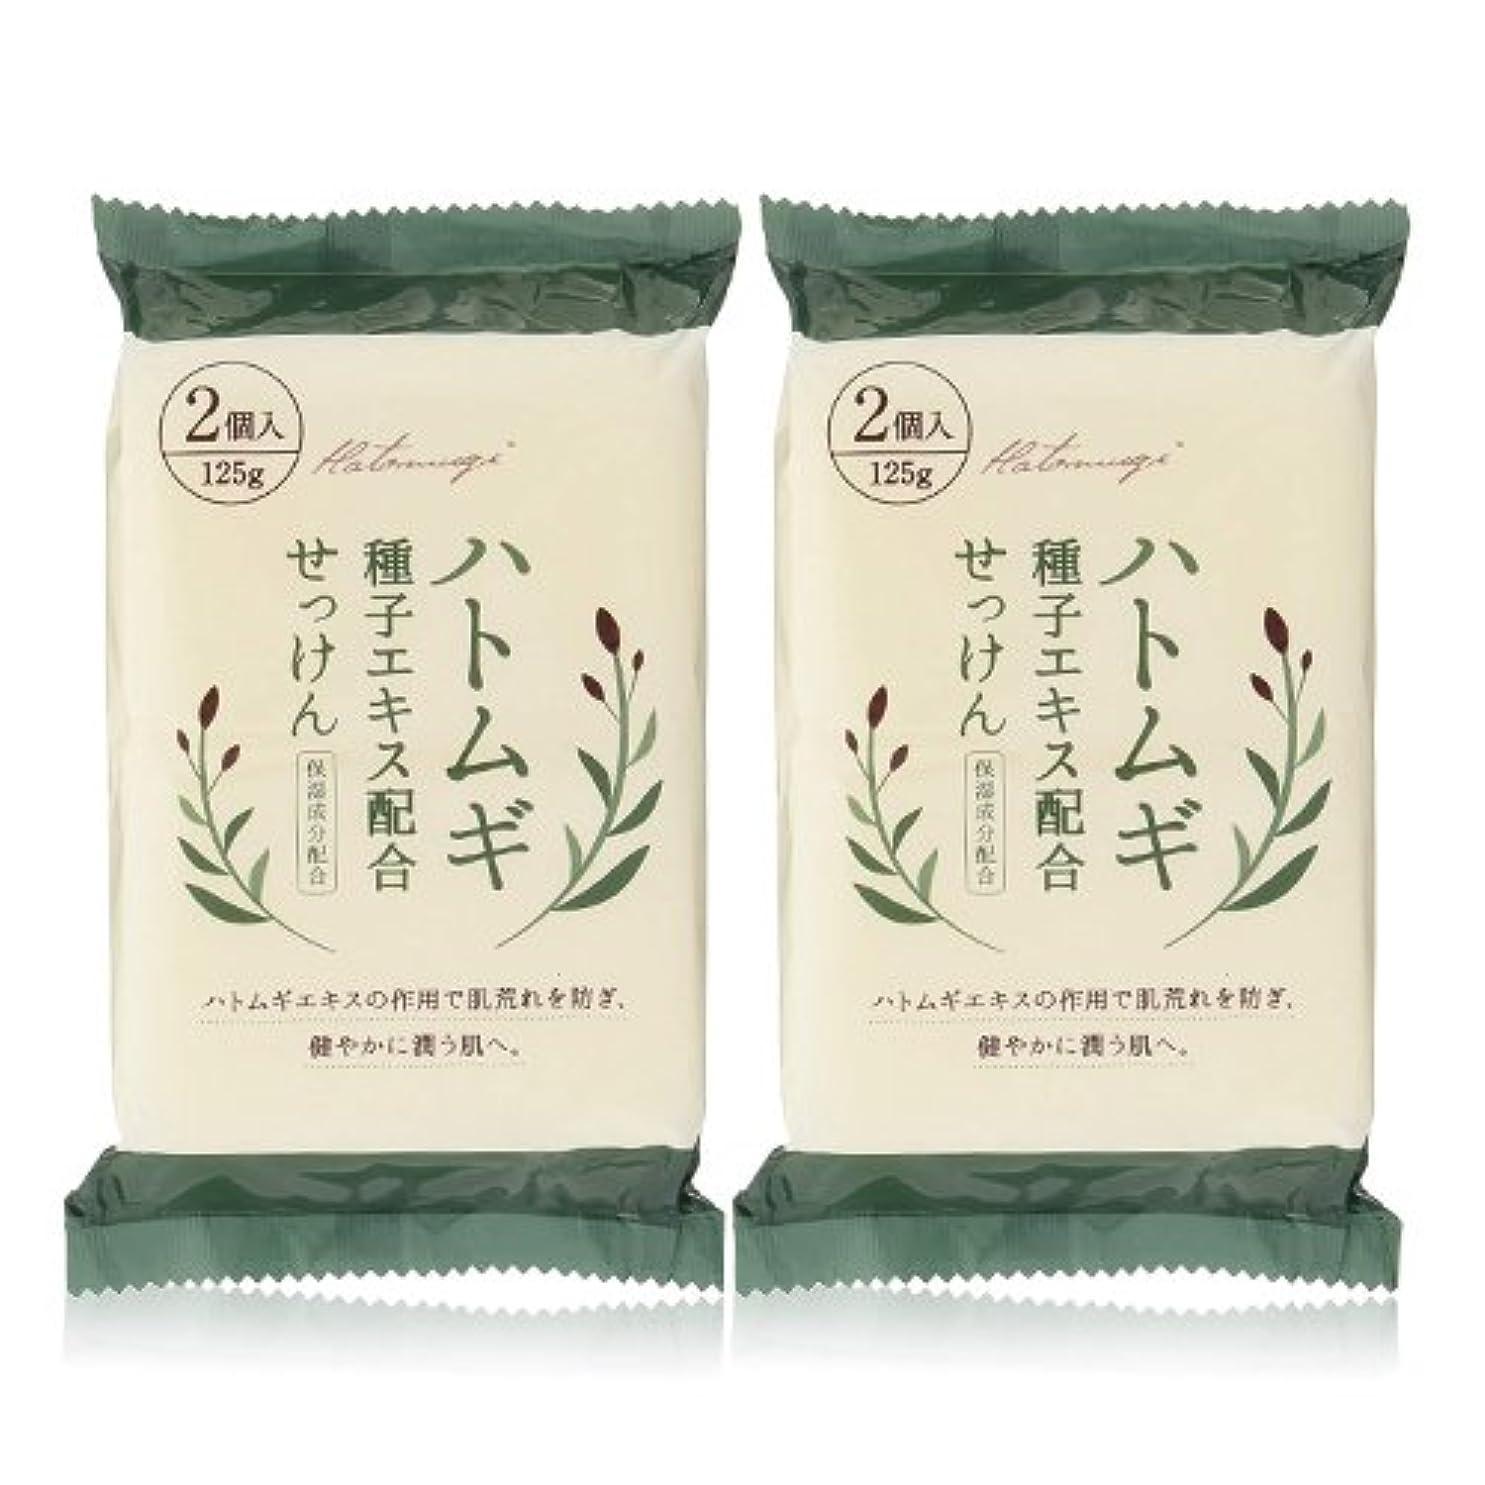 蒸発寝るビスケットハトムギ種子エキス配合石けん 125g(2コ入)×2個セット(計4個)